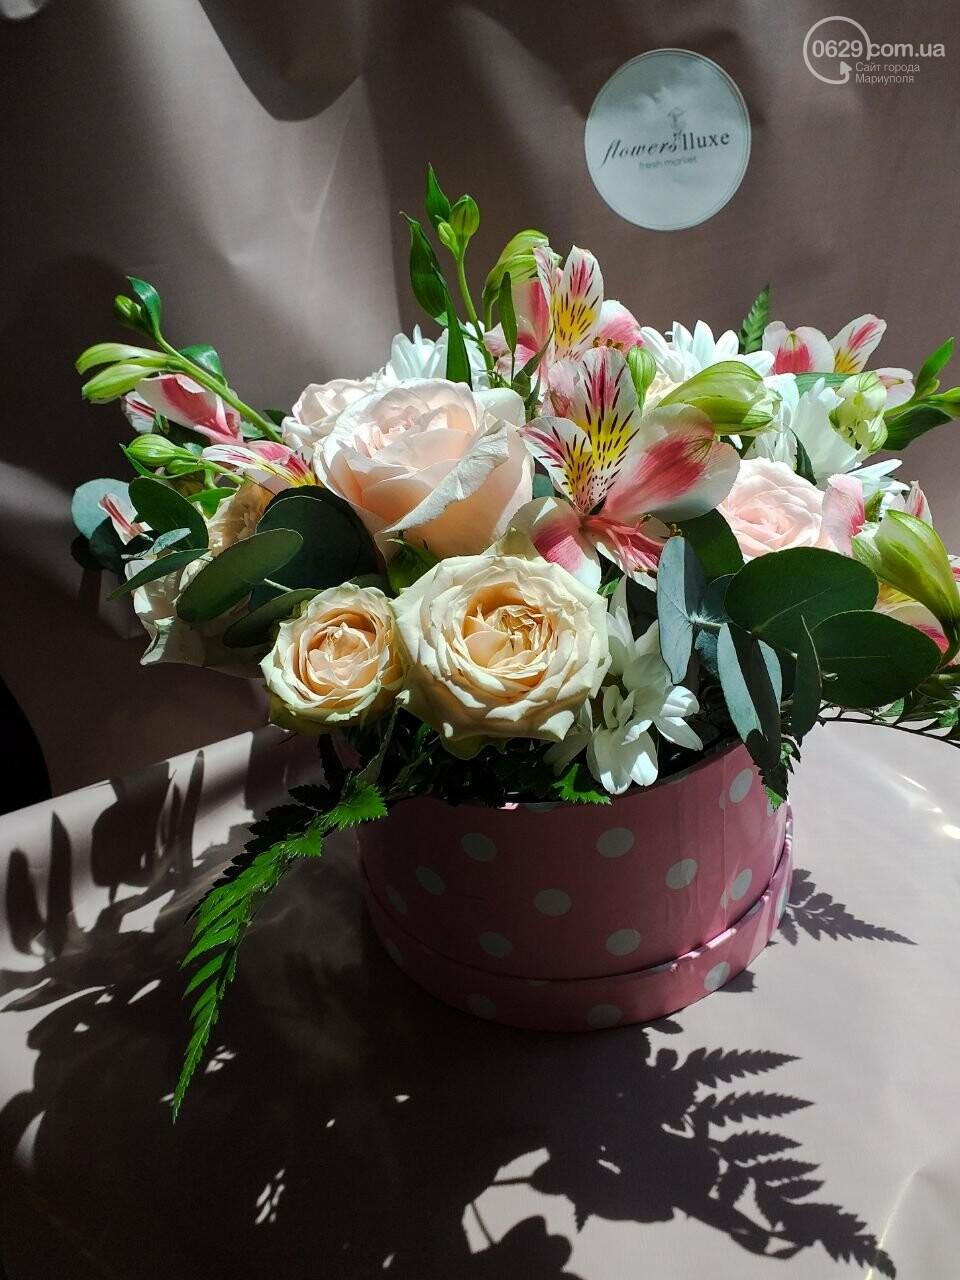 Изысканные, стильные букеты цветов с доставкой от сети салонов LUXE, фото-1